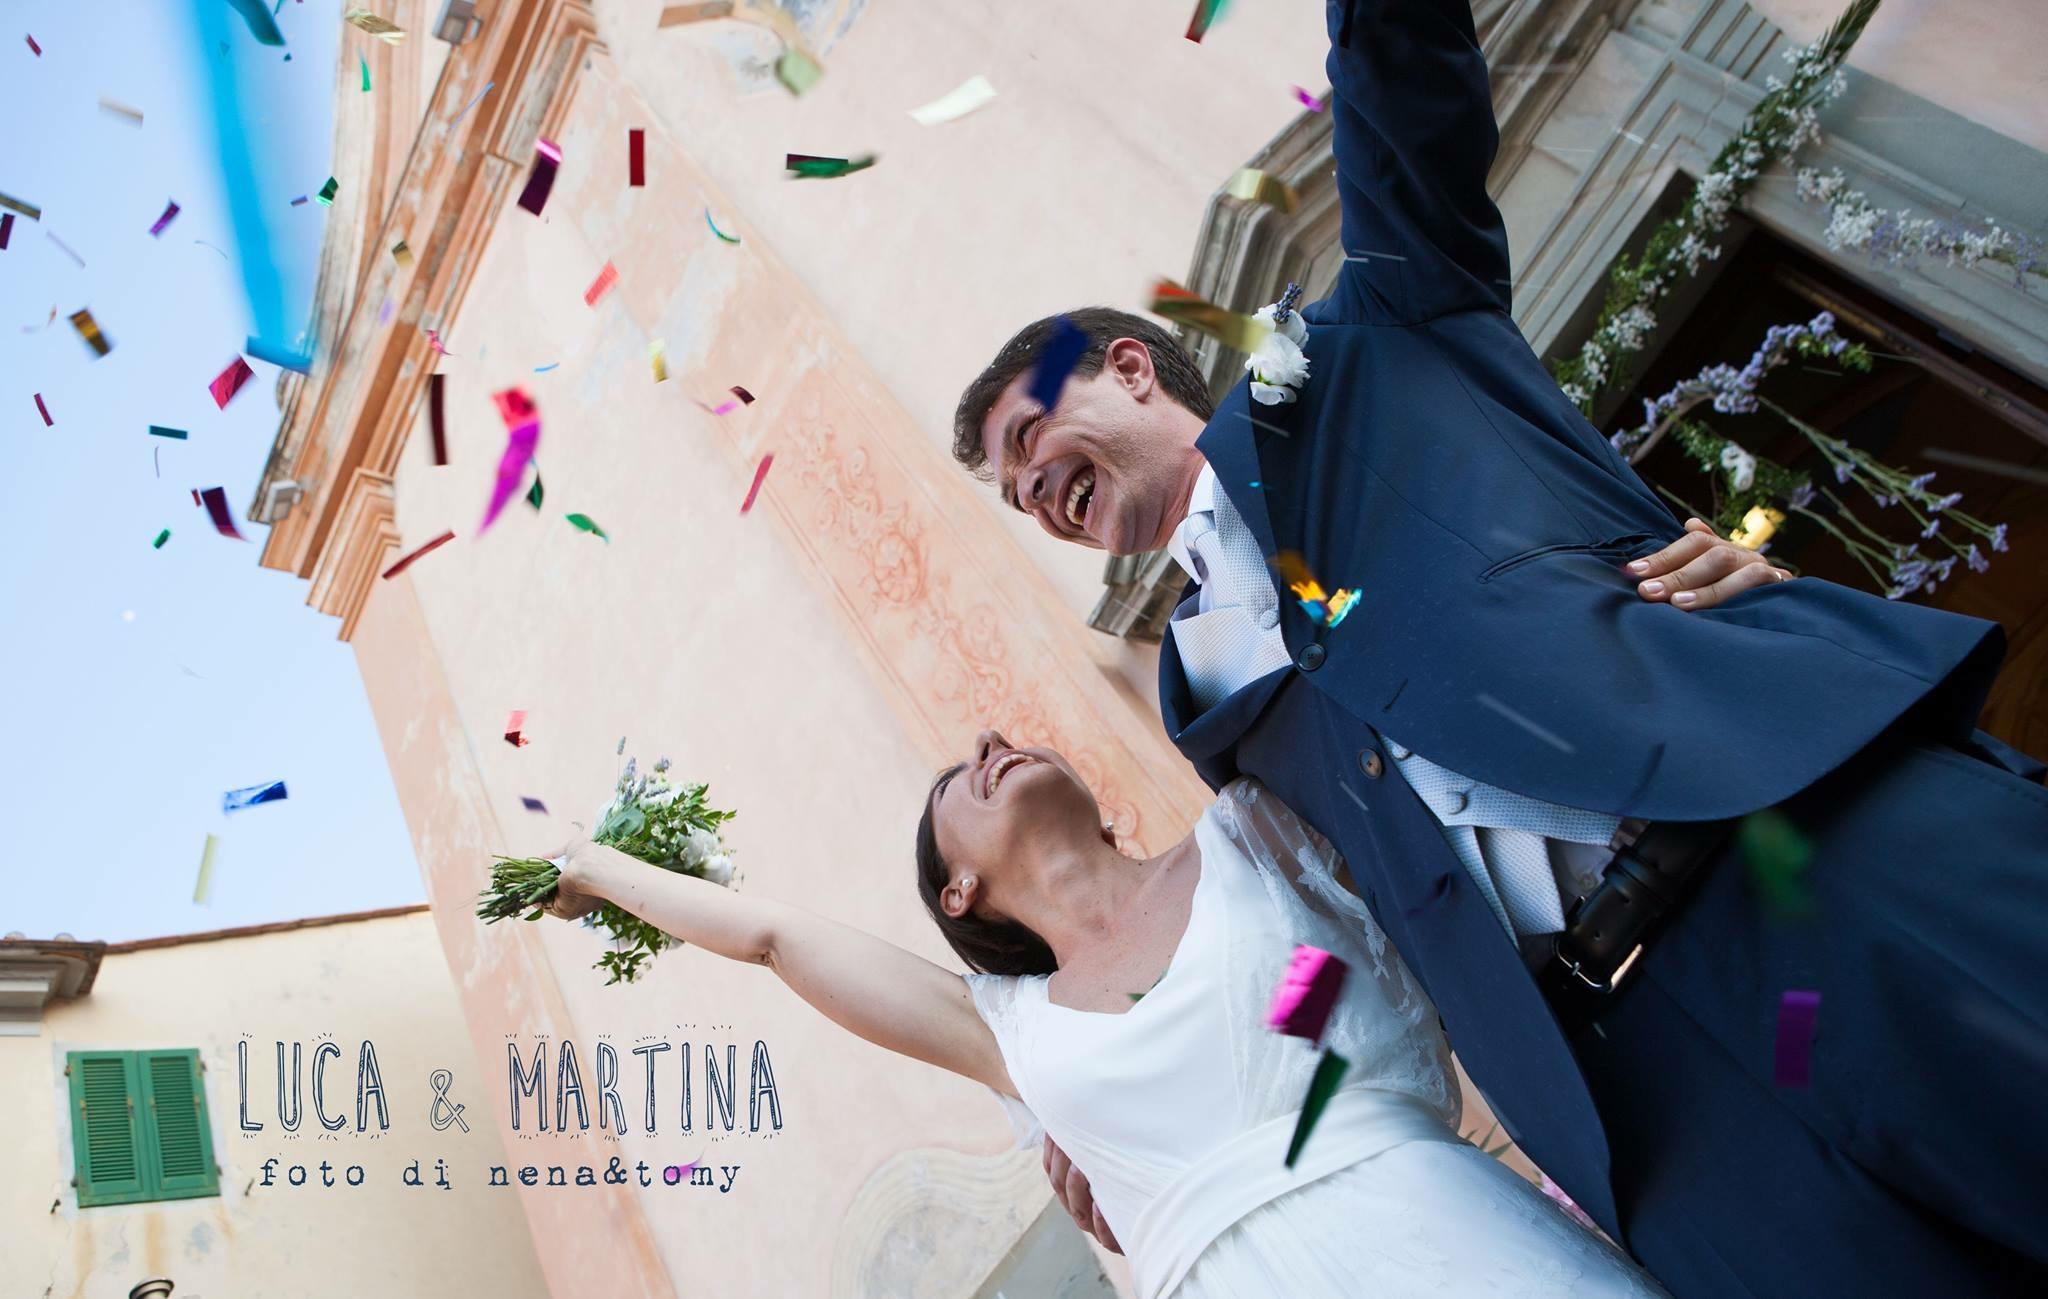 Martina & Luca